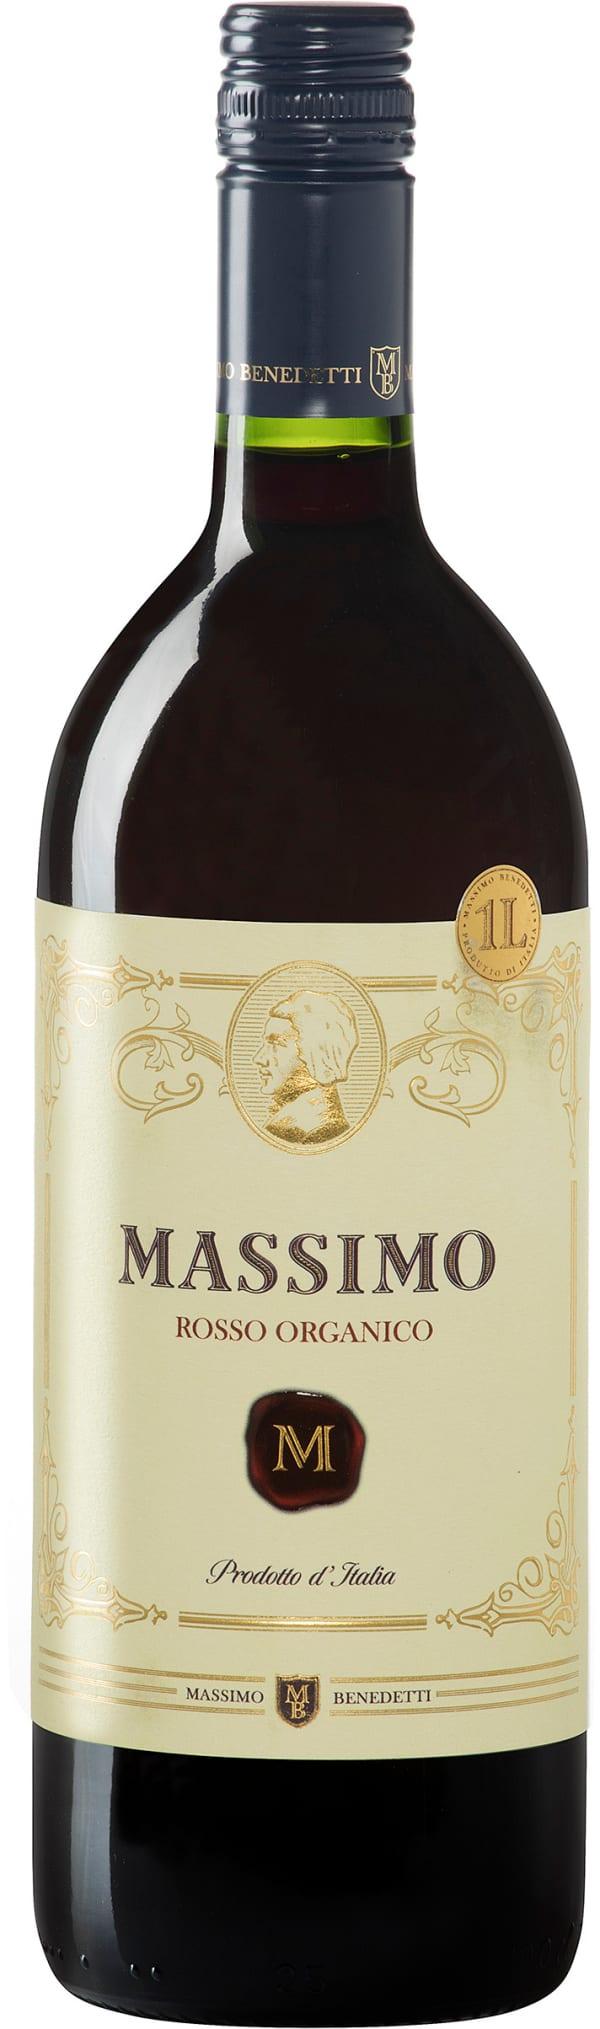 Massimo Rosso Organico 2017